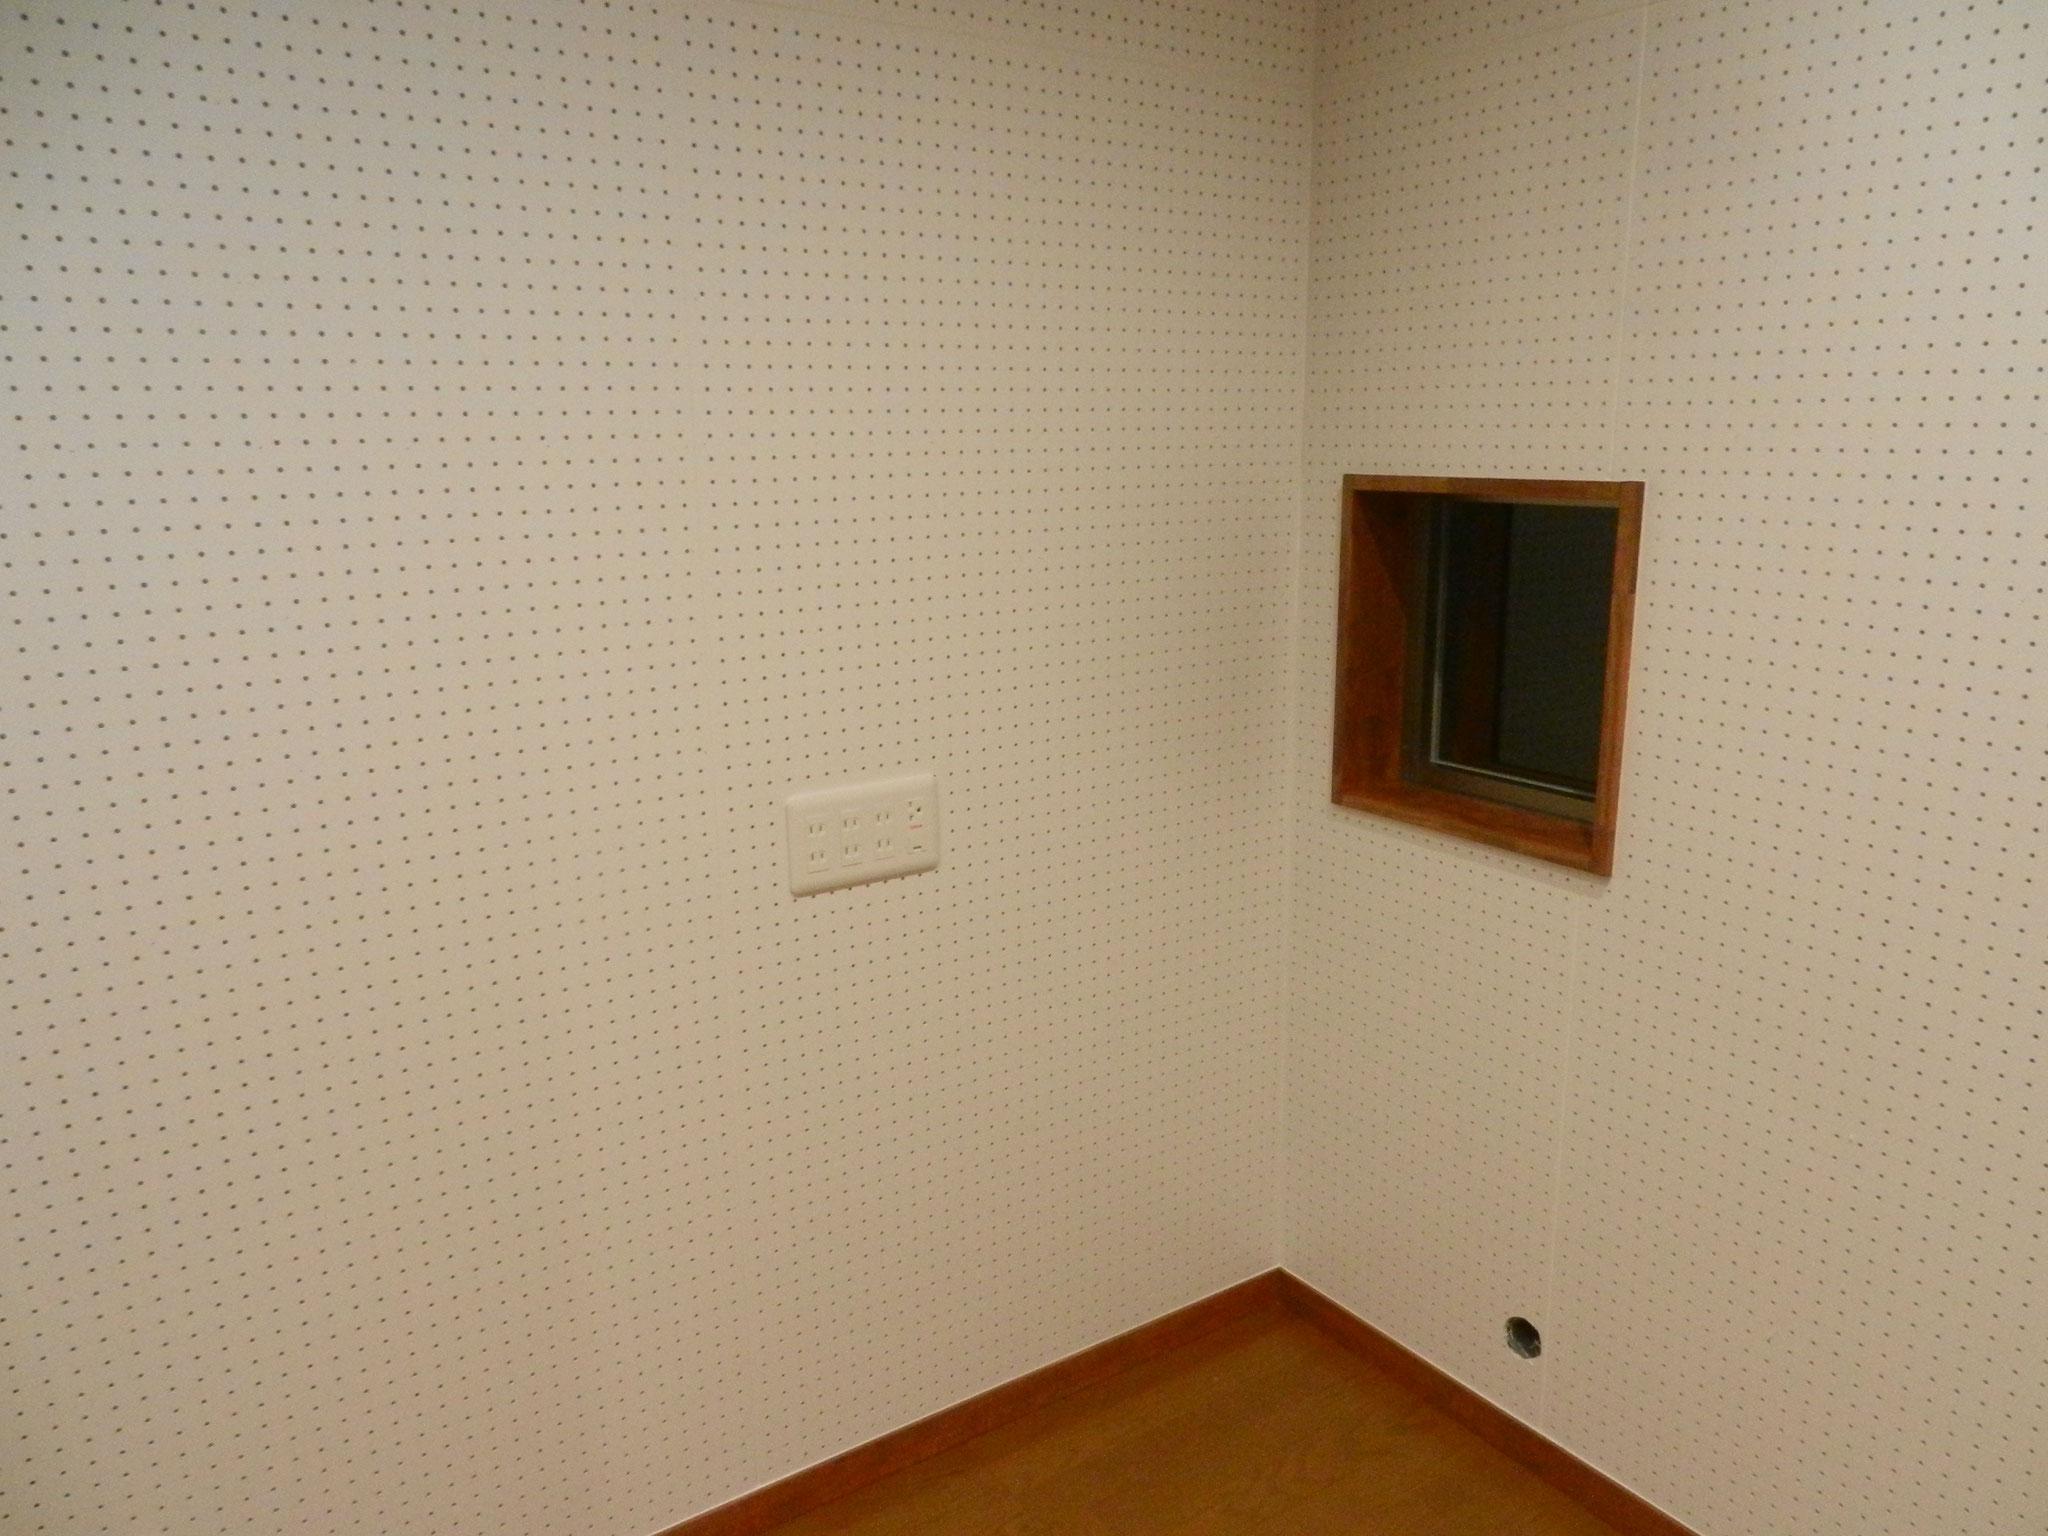 9.二部屋のスペースで